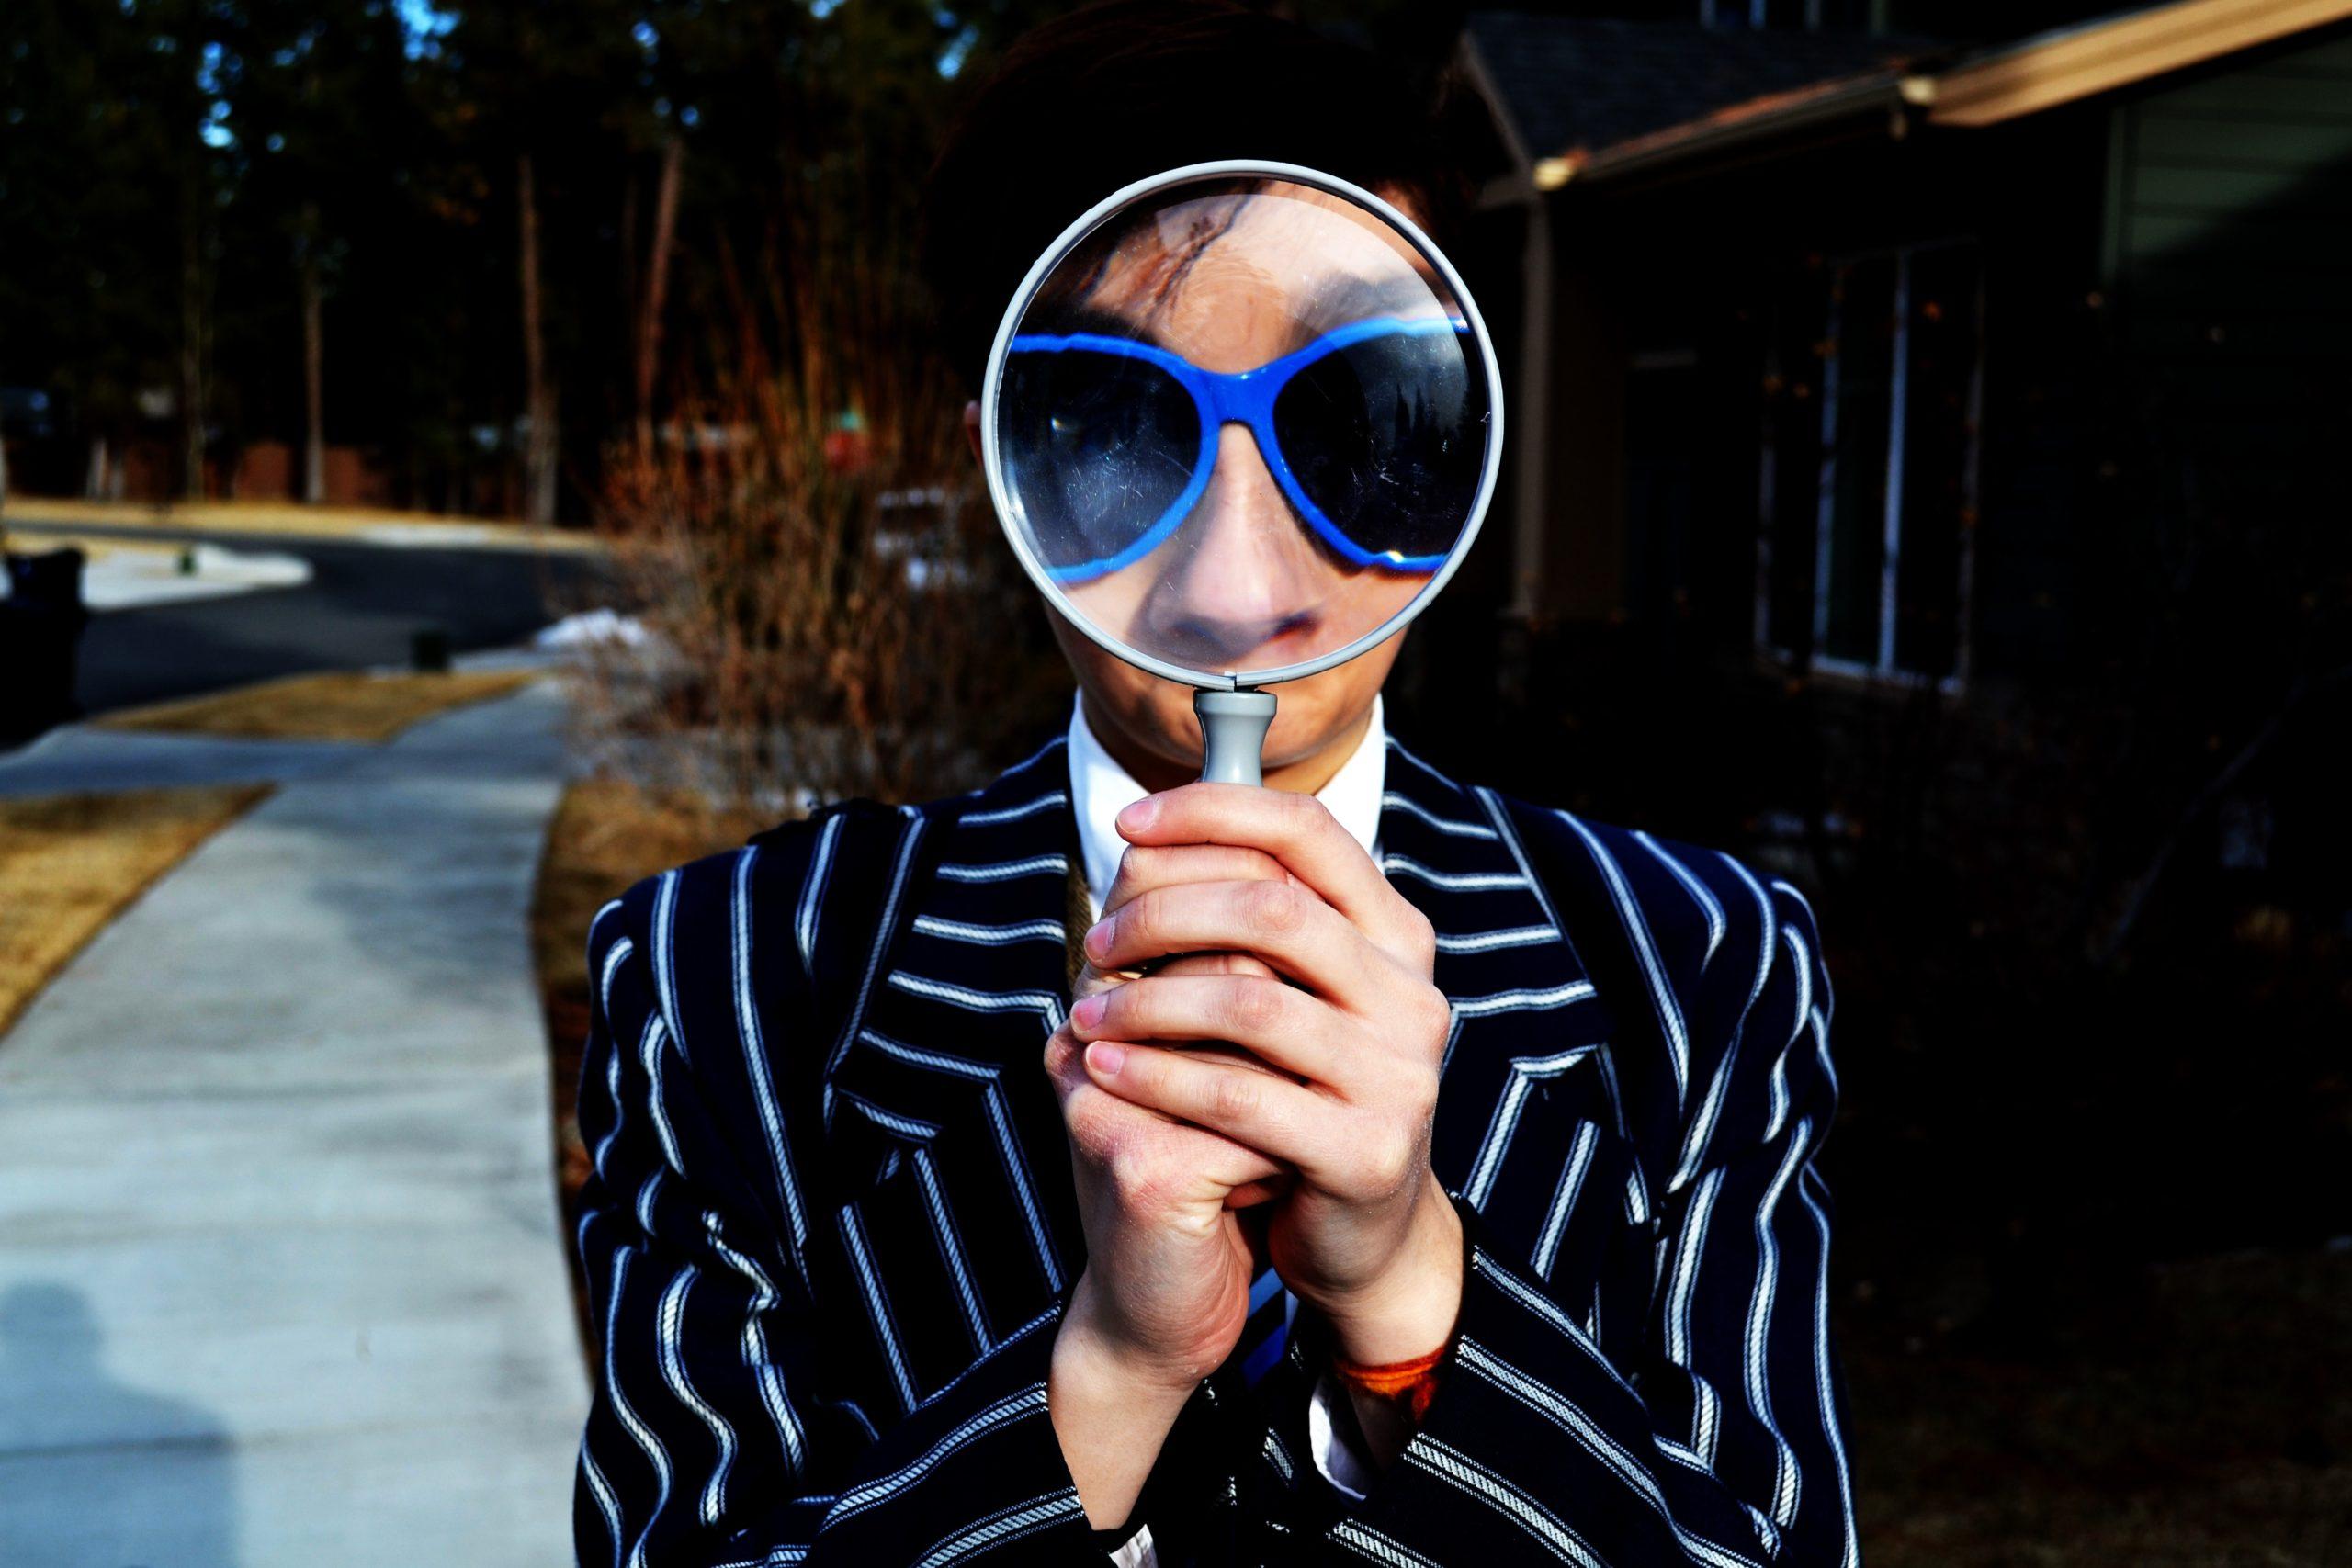 仕事で目標ない人が目標を見つける方法【目の前のことを一生懸命やればOK】